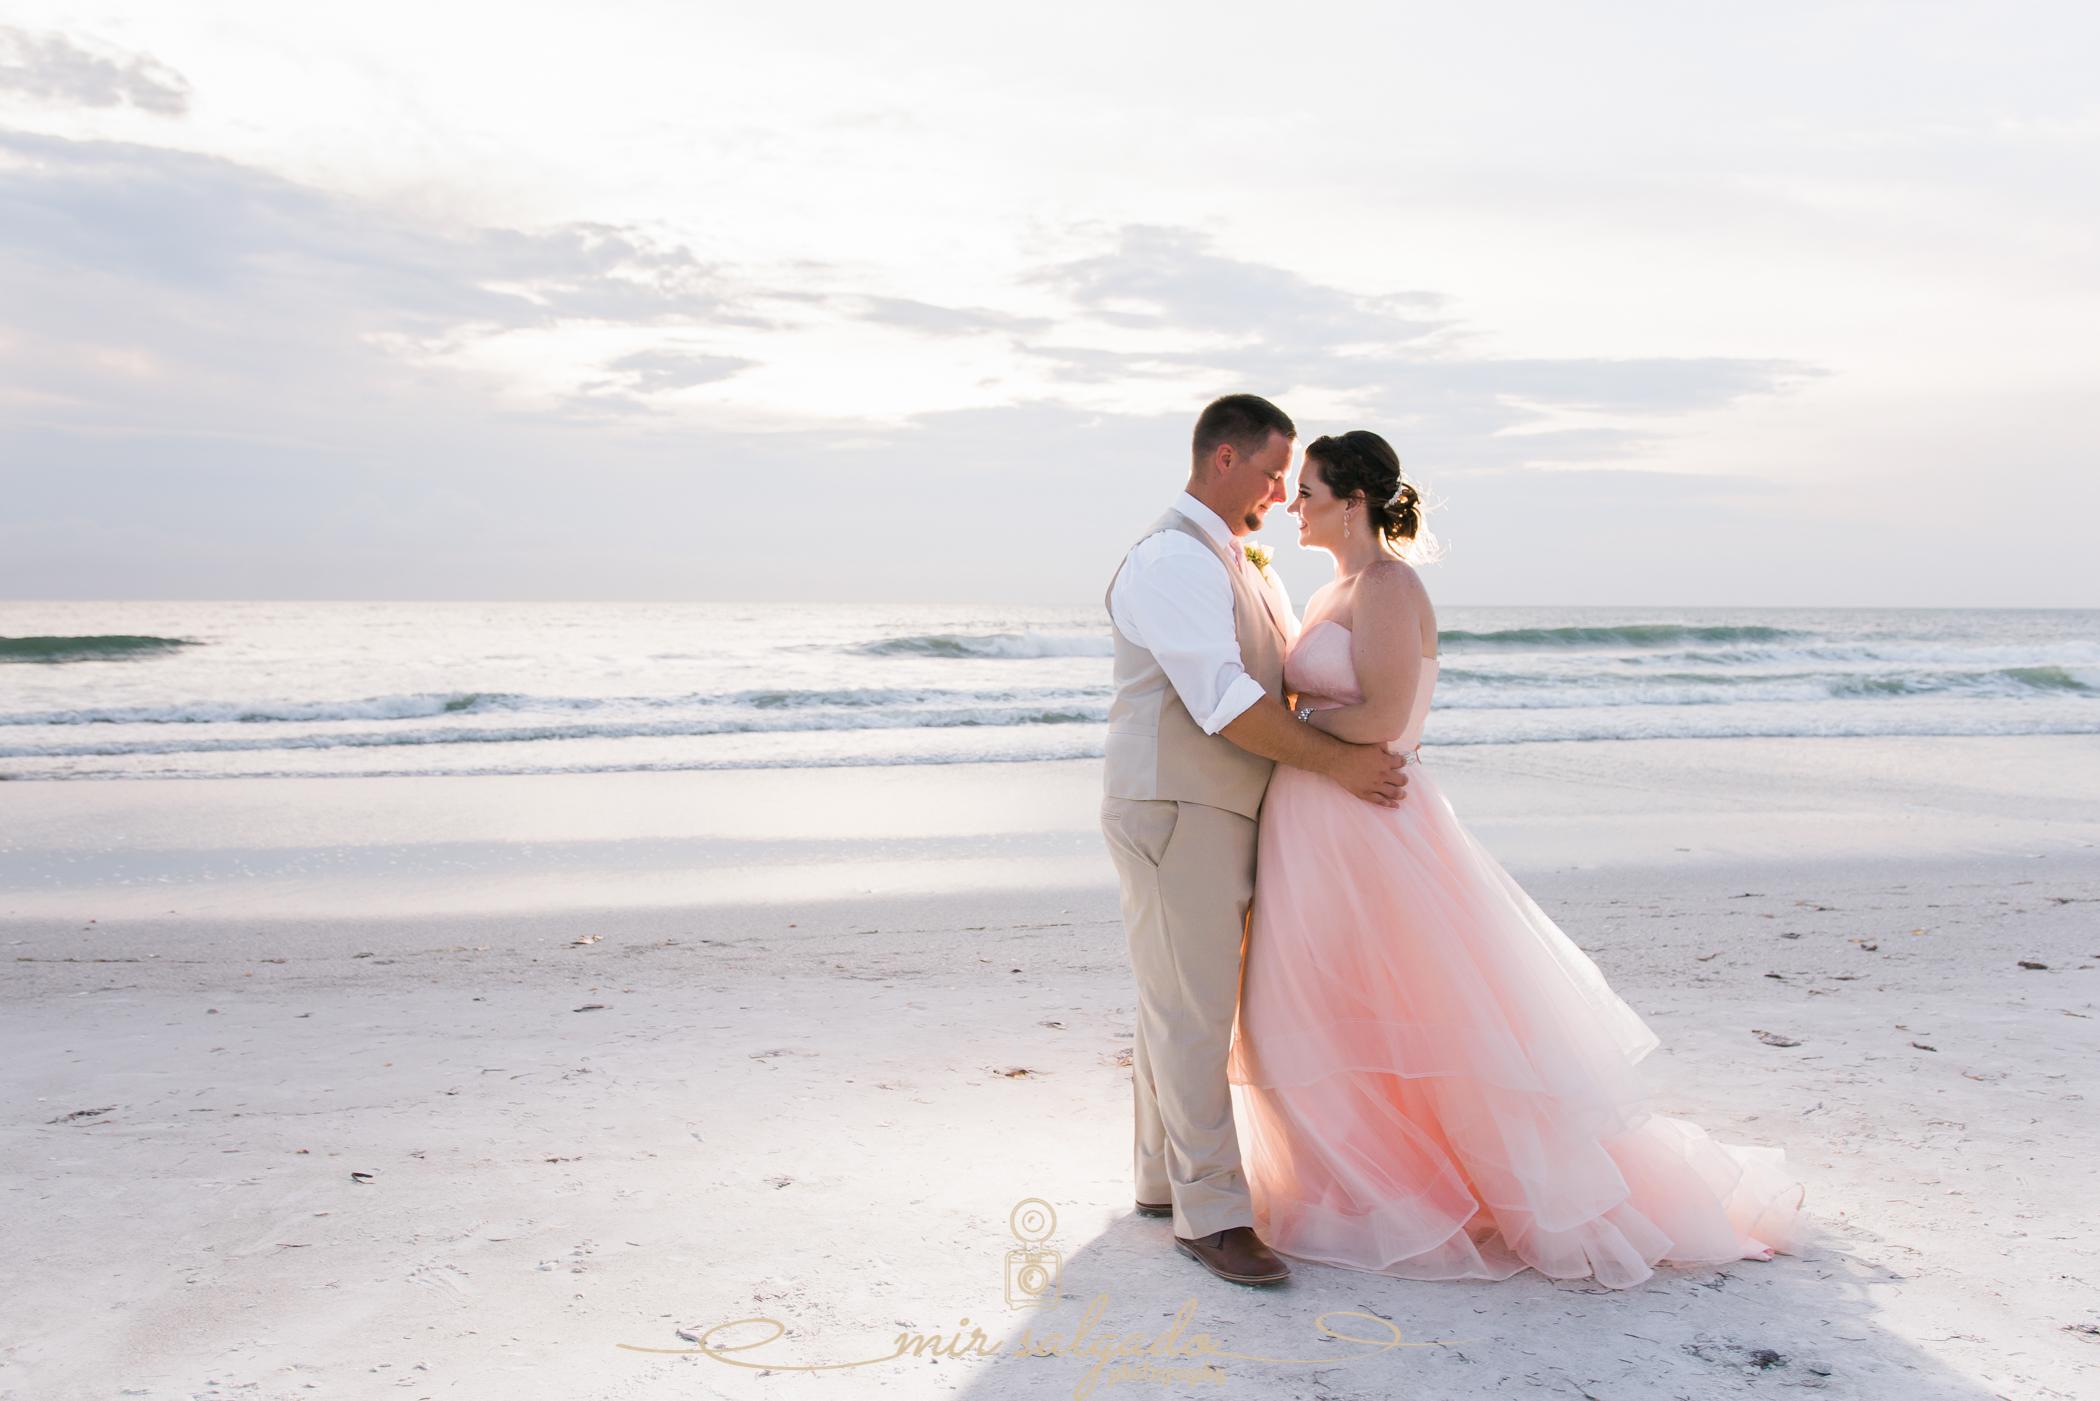 St.Pete-wedding-photography, Florida-wedding-sunset-photo